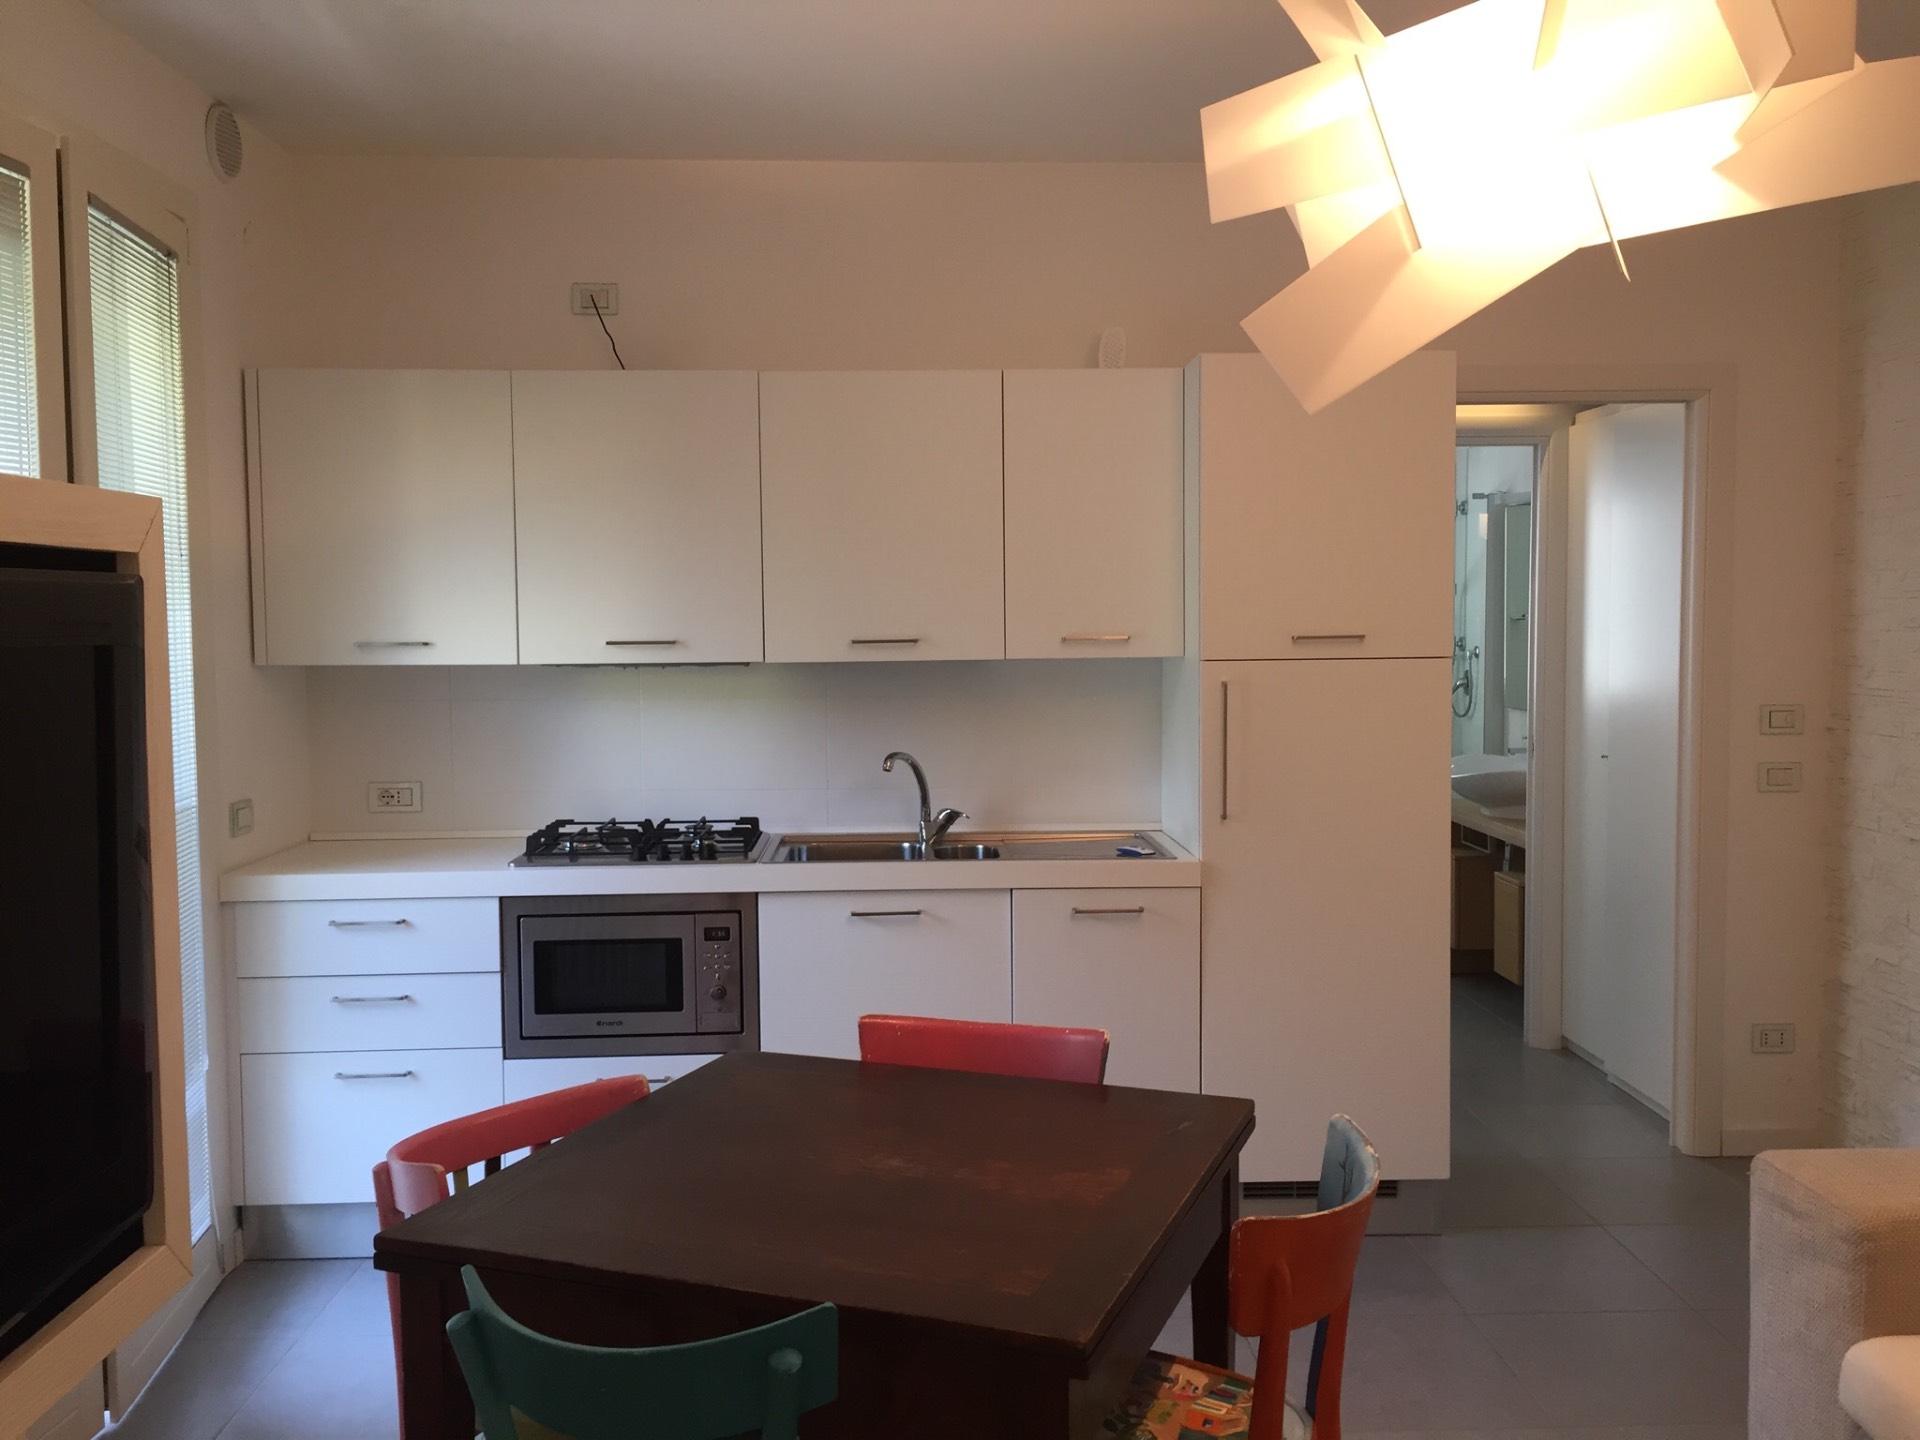 Appartamento in vendita a jesolo cod i sc